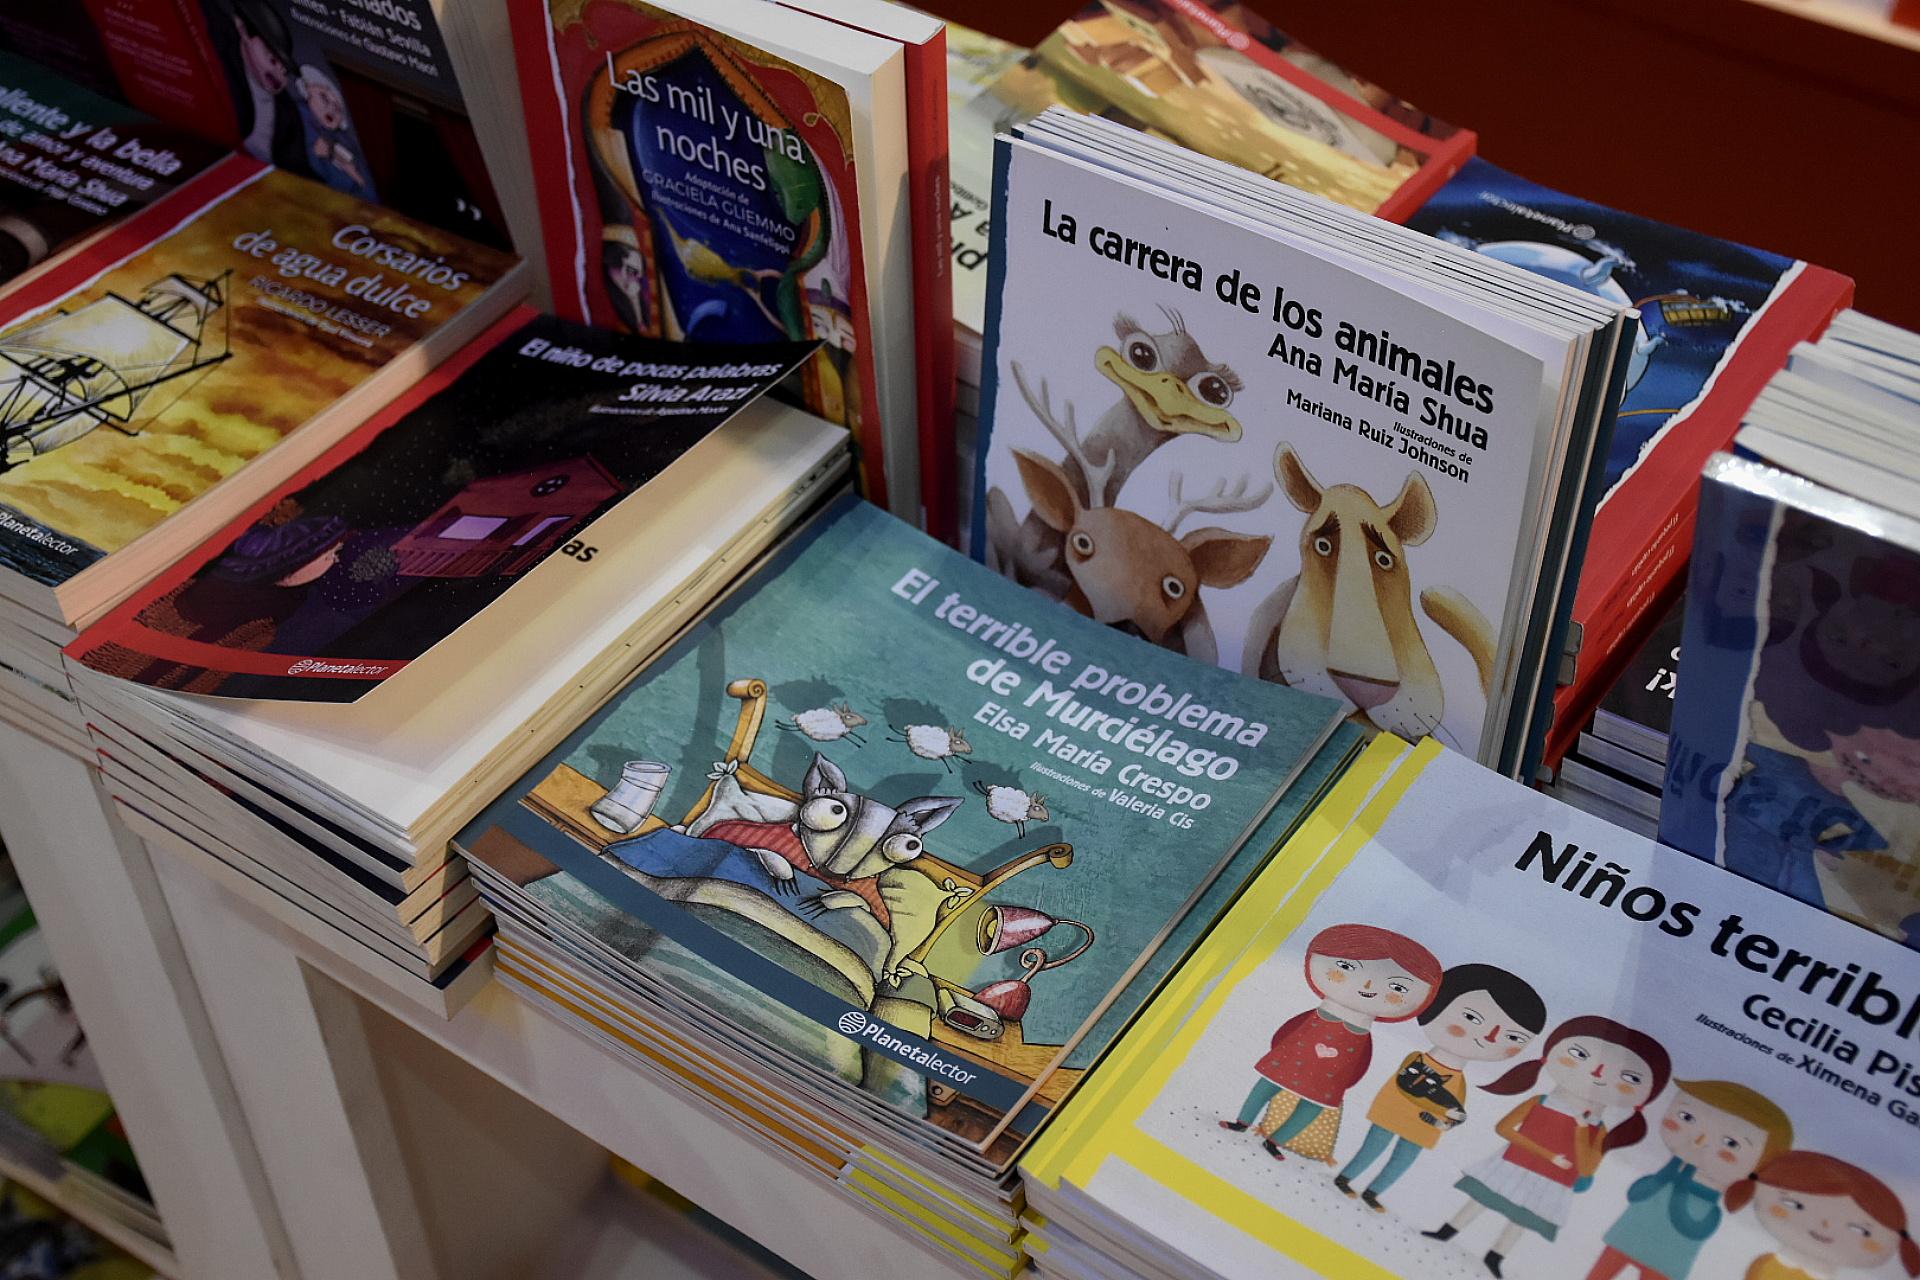 El libro más barato del stand de Planeta (Nicolás Stulberg)